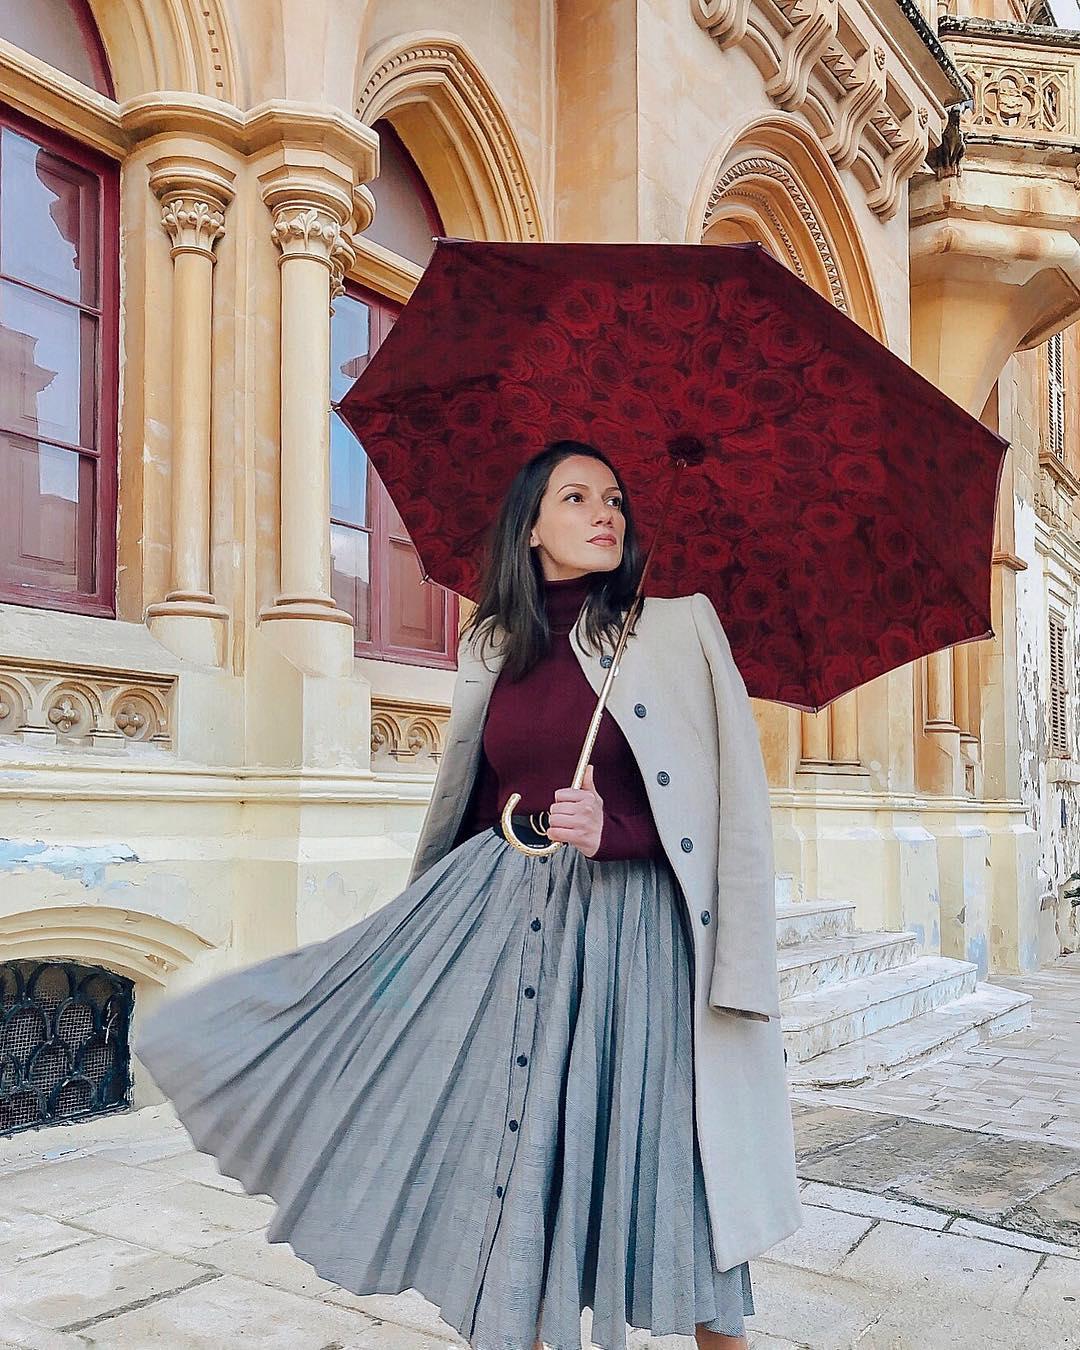 модные образы для деловых женщин осени 2019 фото 1